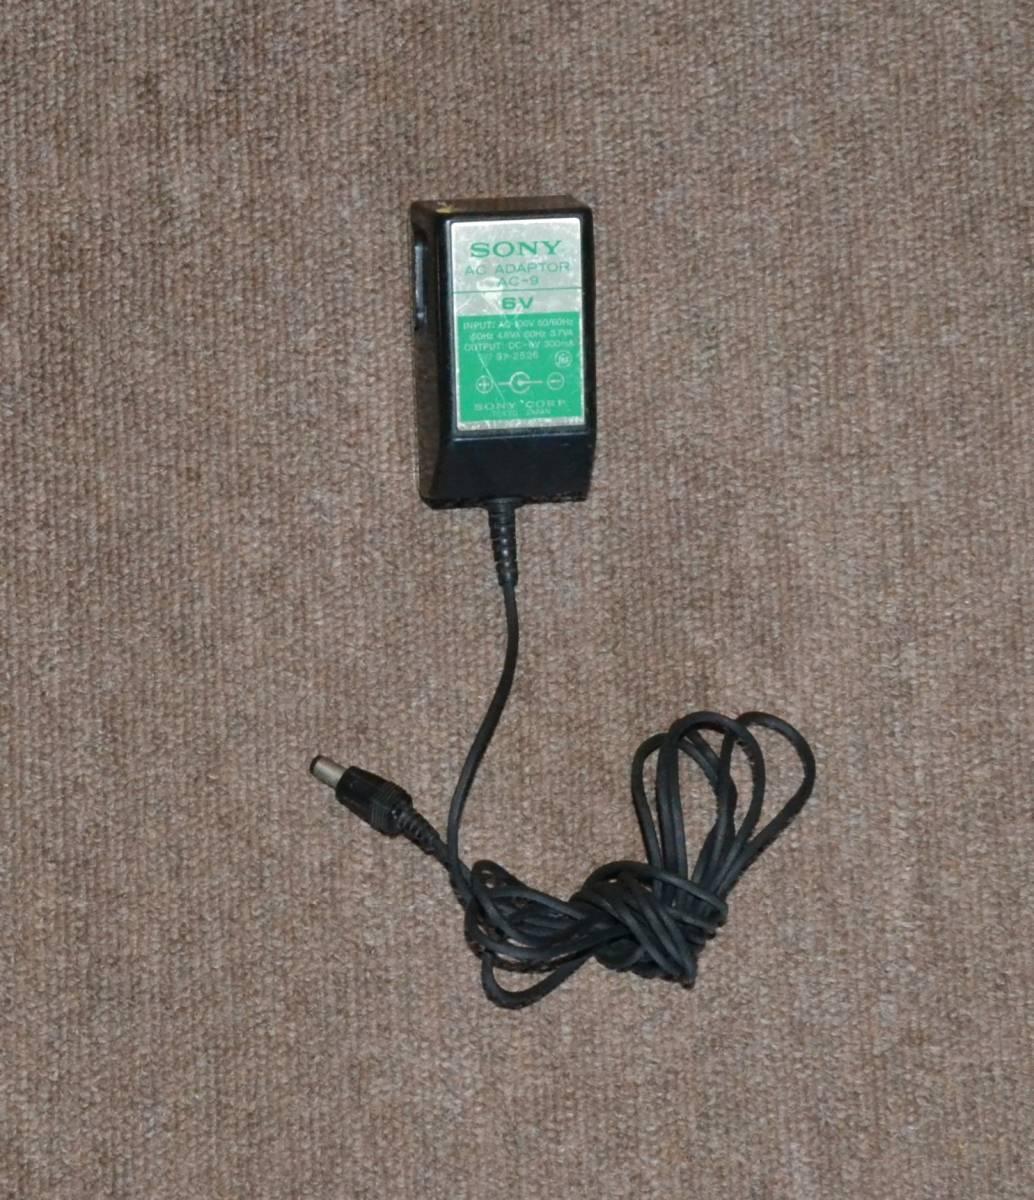 SONY AC ADAPTOR AC-9 6V 300mA スカイセンサー 100V 50HZ/60HZ